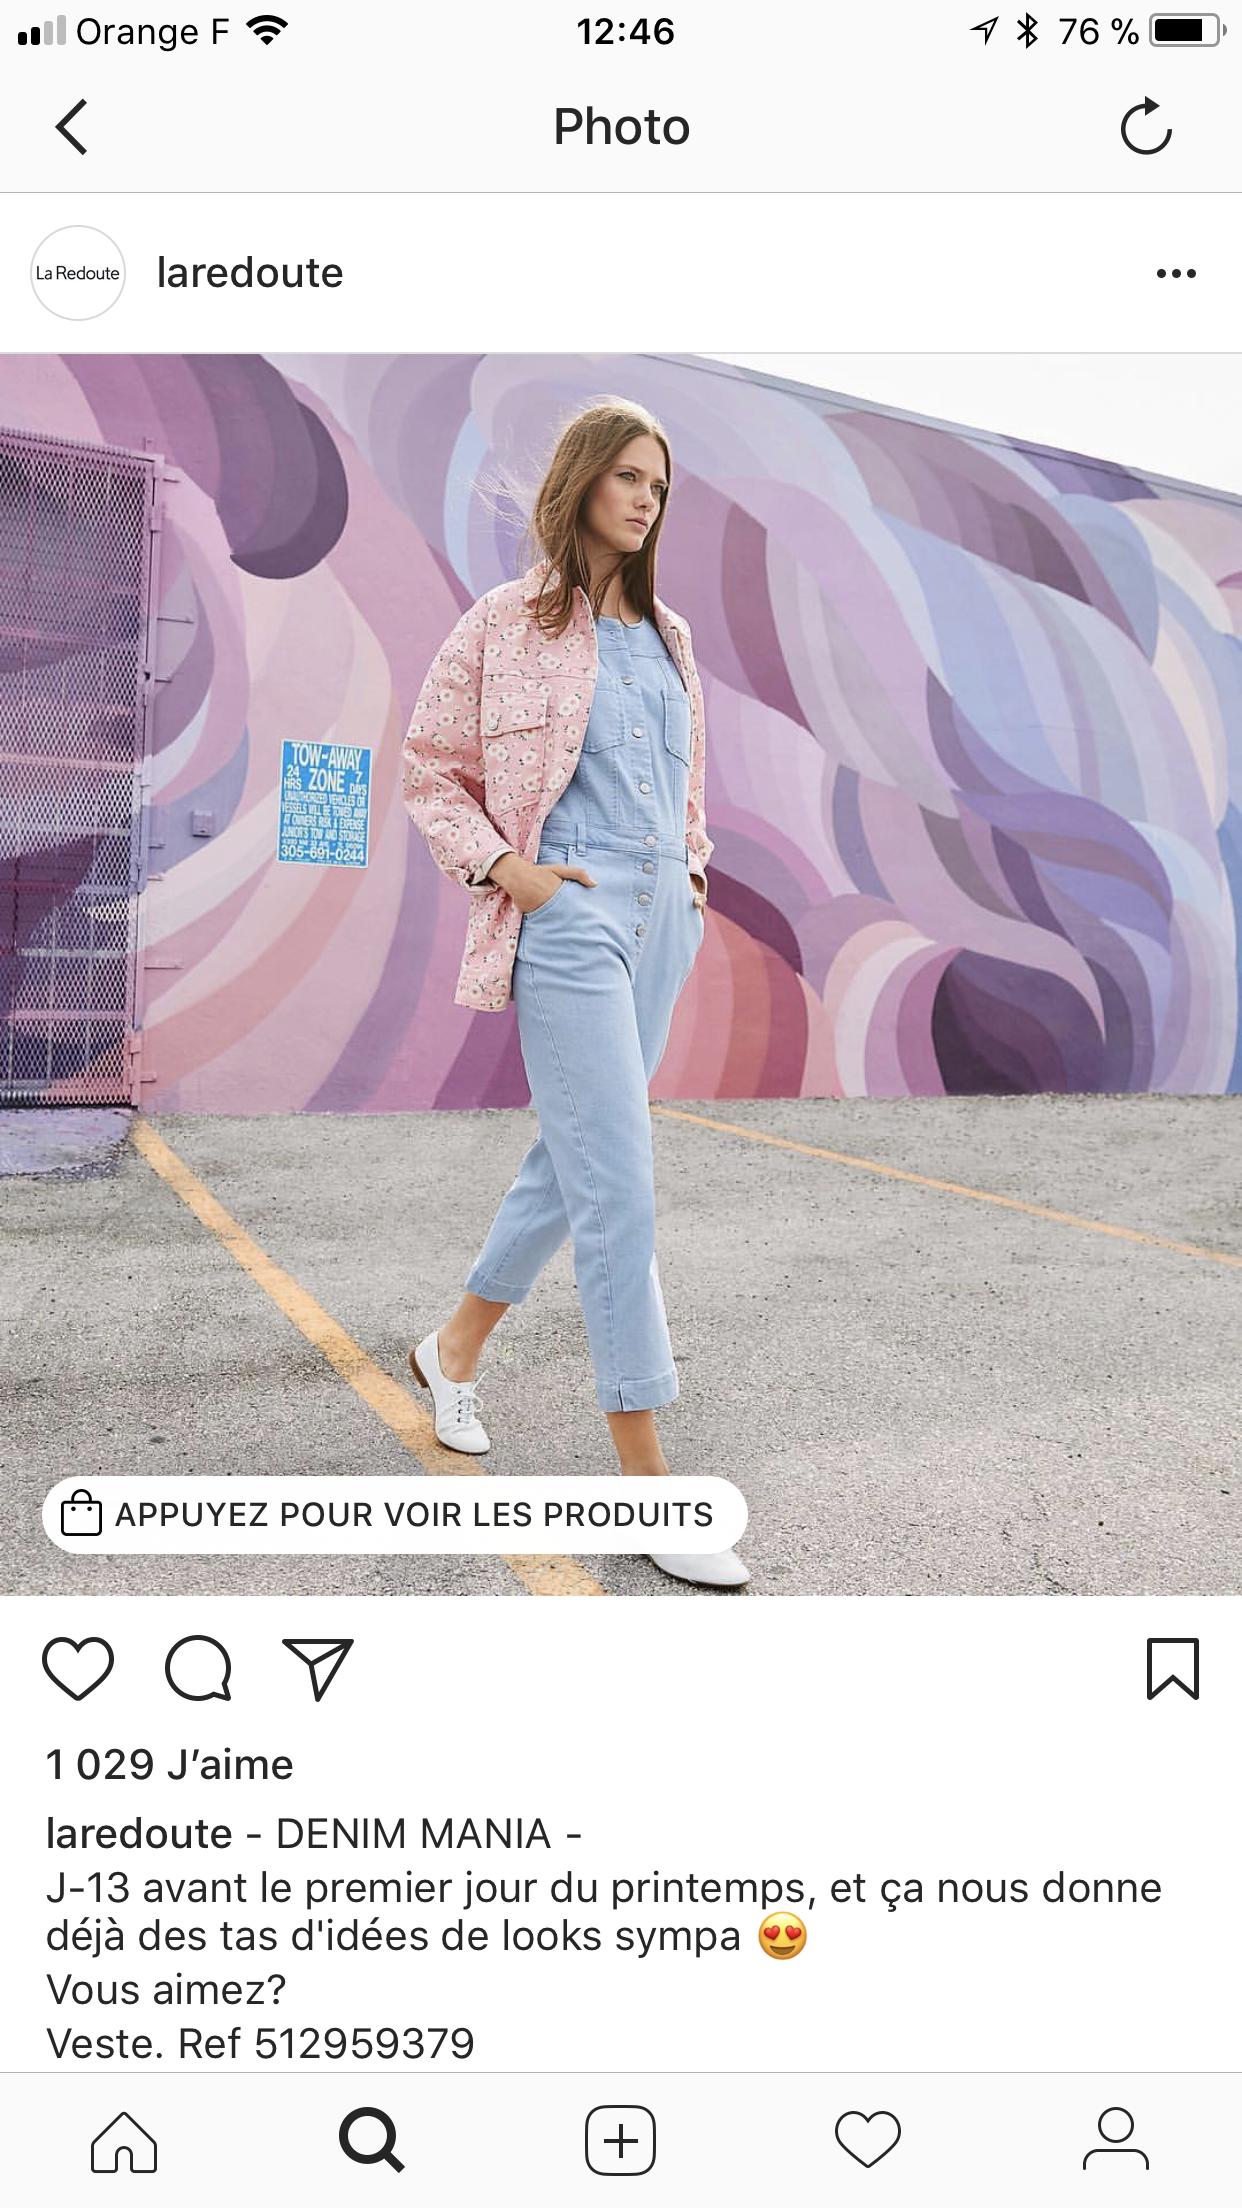 instagram lance une nouvelle fonctionnalit en france shopping agence des m dias sociaux. Black Bedroom Furniture Sets. Home Design Ideas